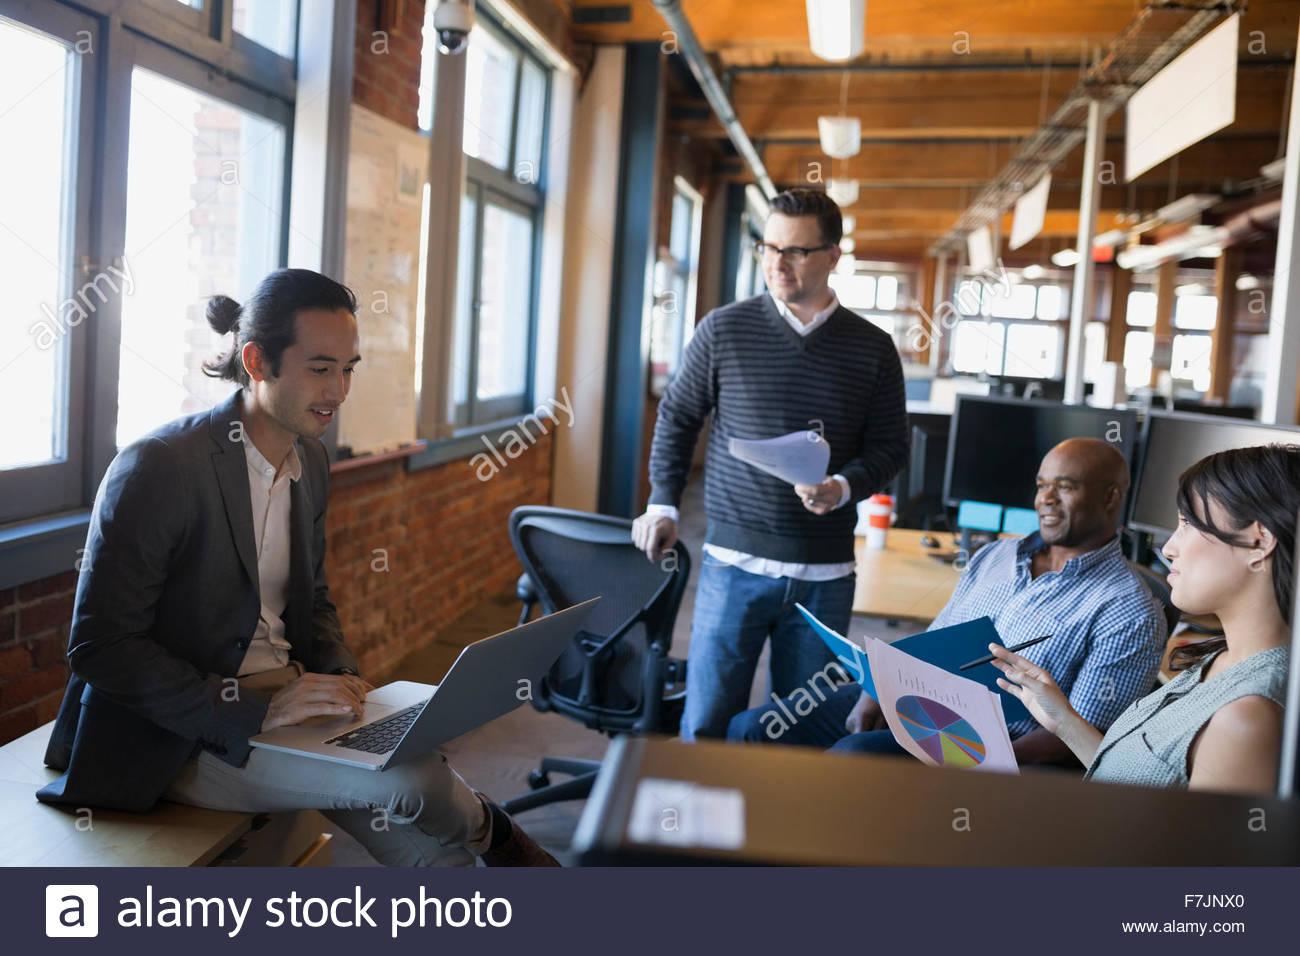 Reunión con la gente de negocios y el papeleo de oficina portátil Imagen De Stock